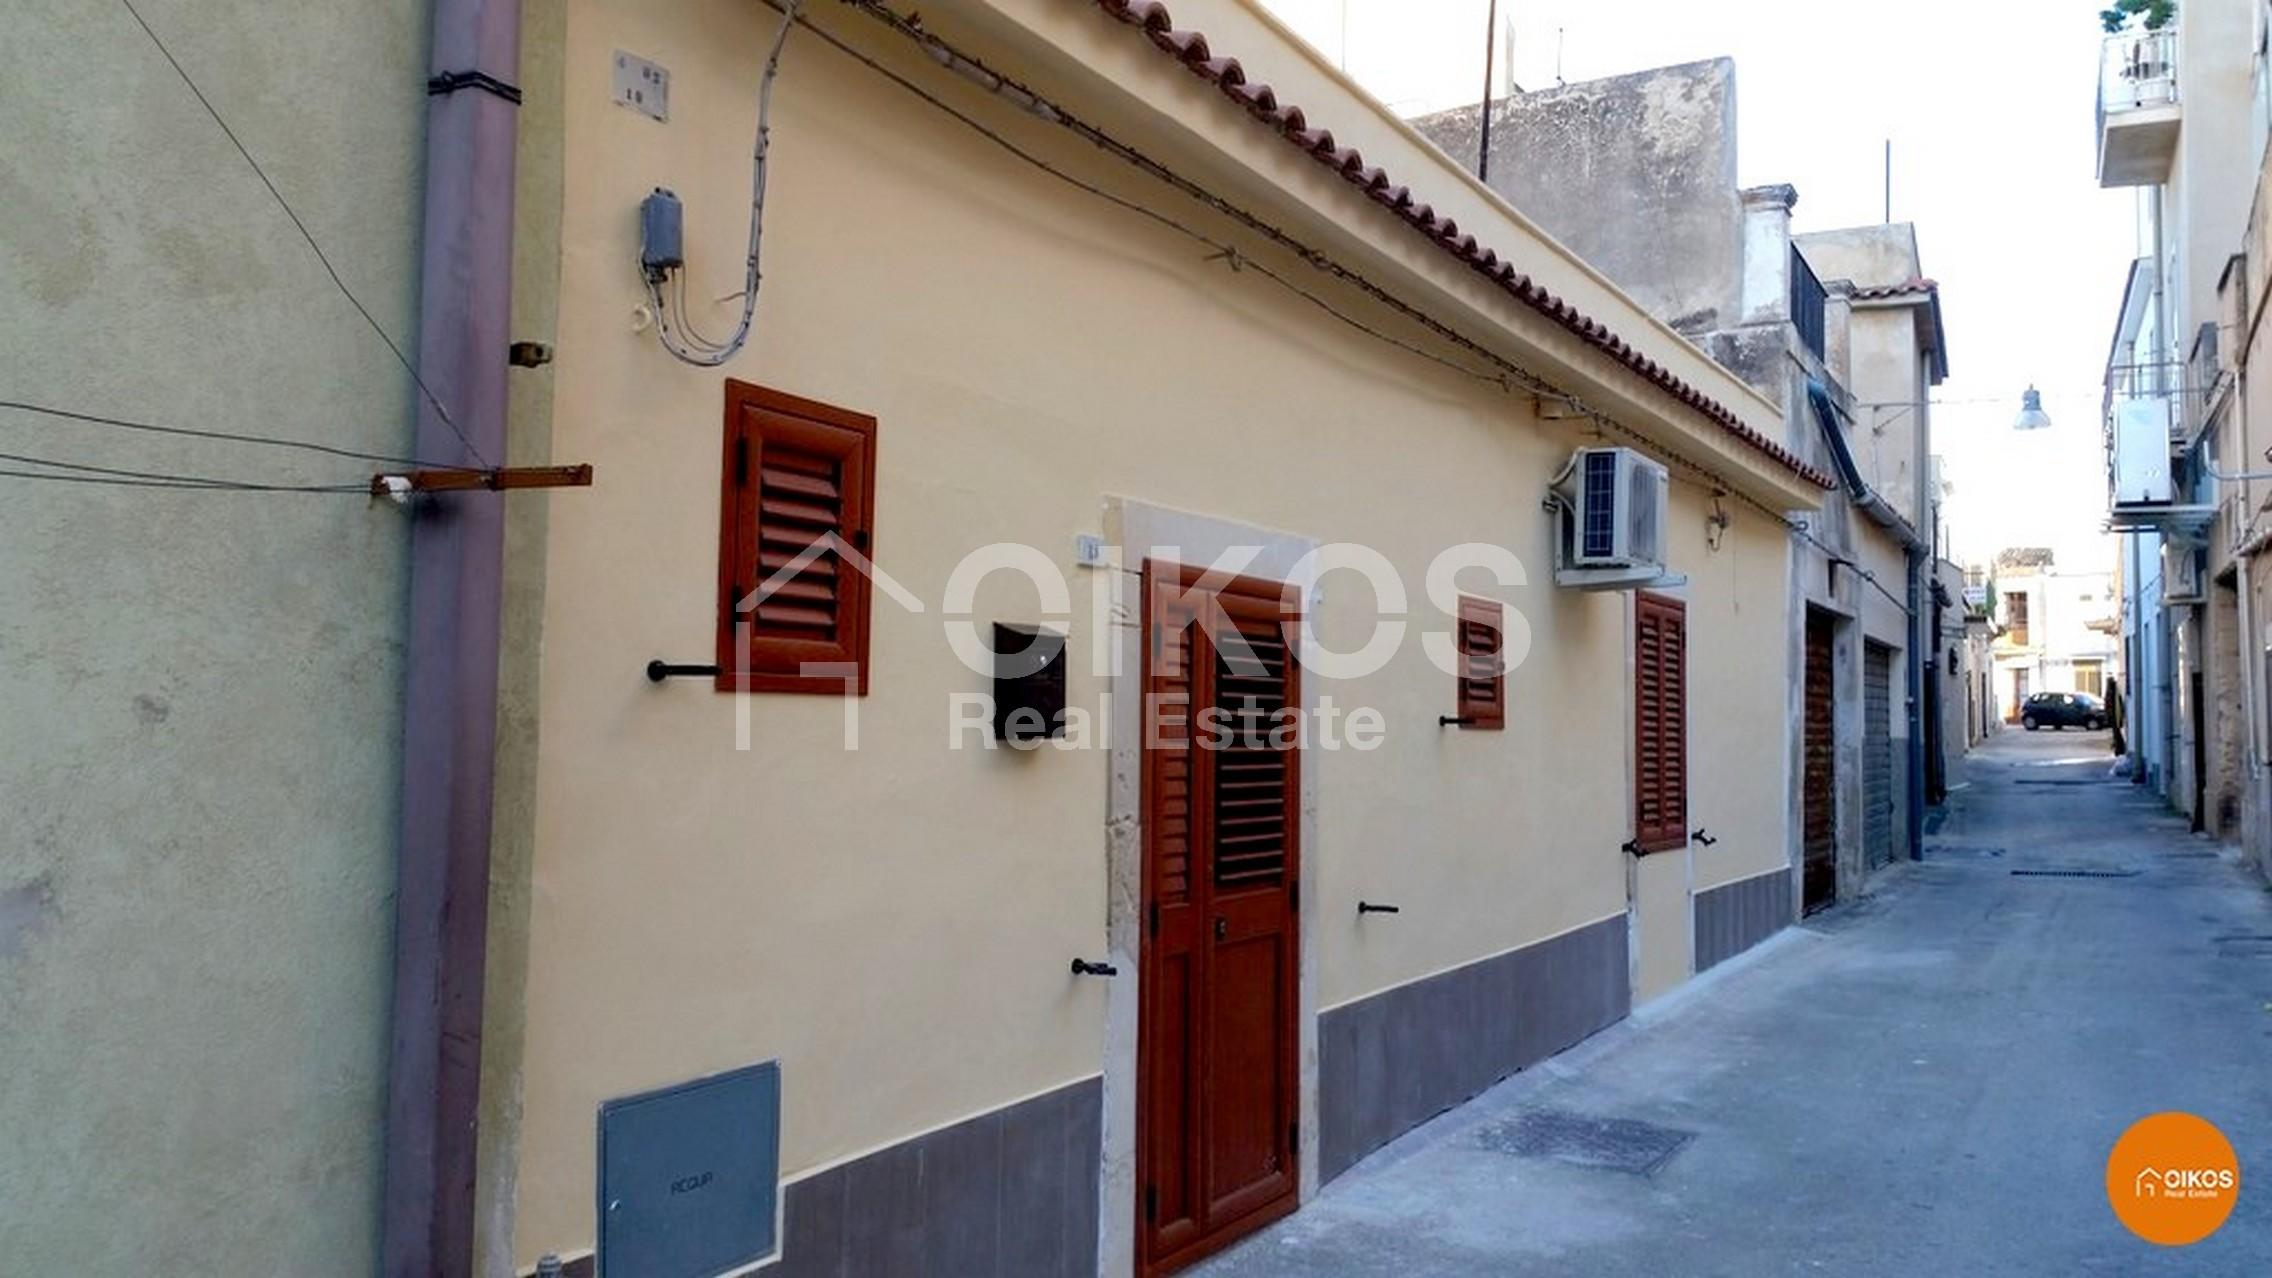 Casa in via Mameli Piano Alto Noto